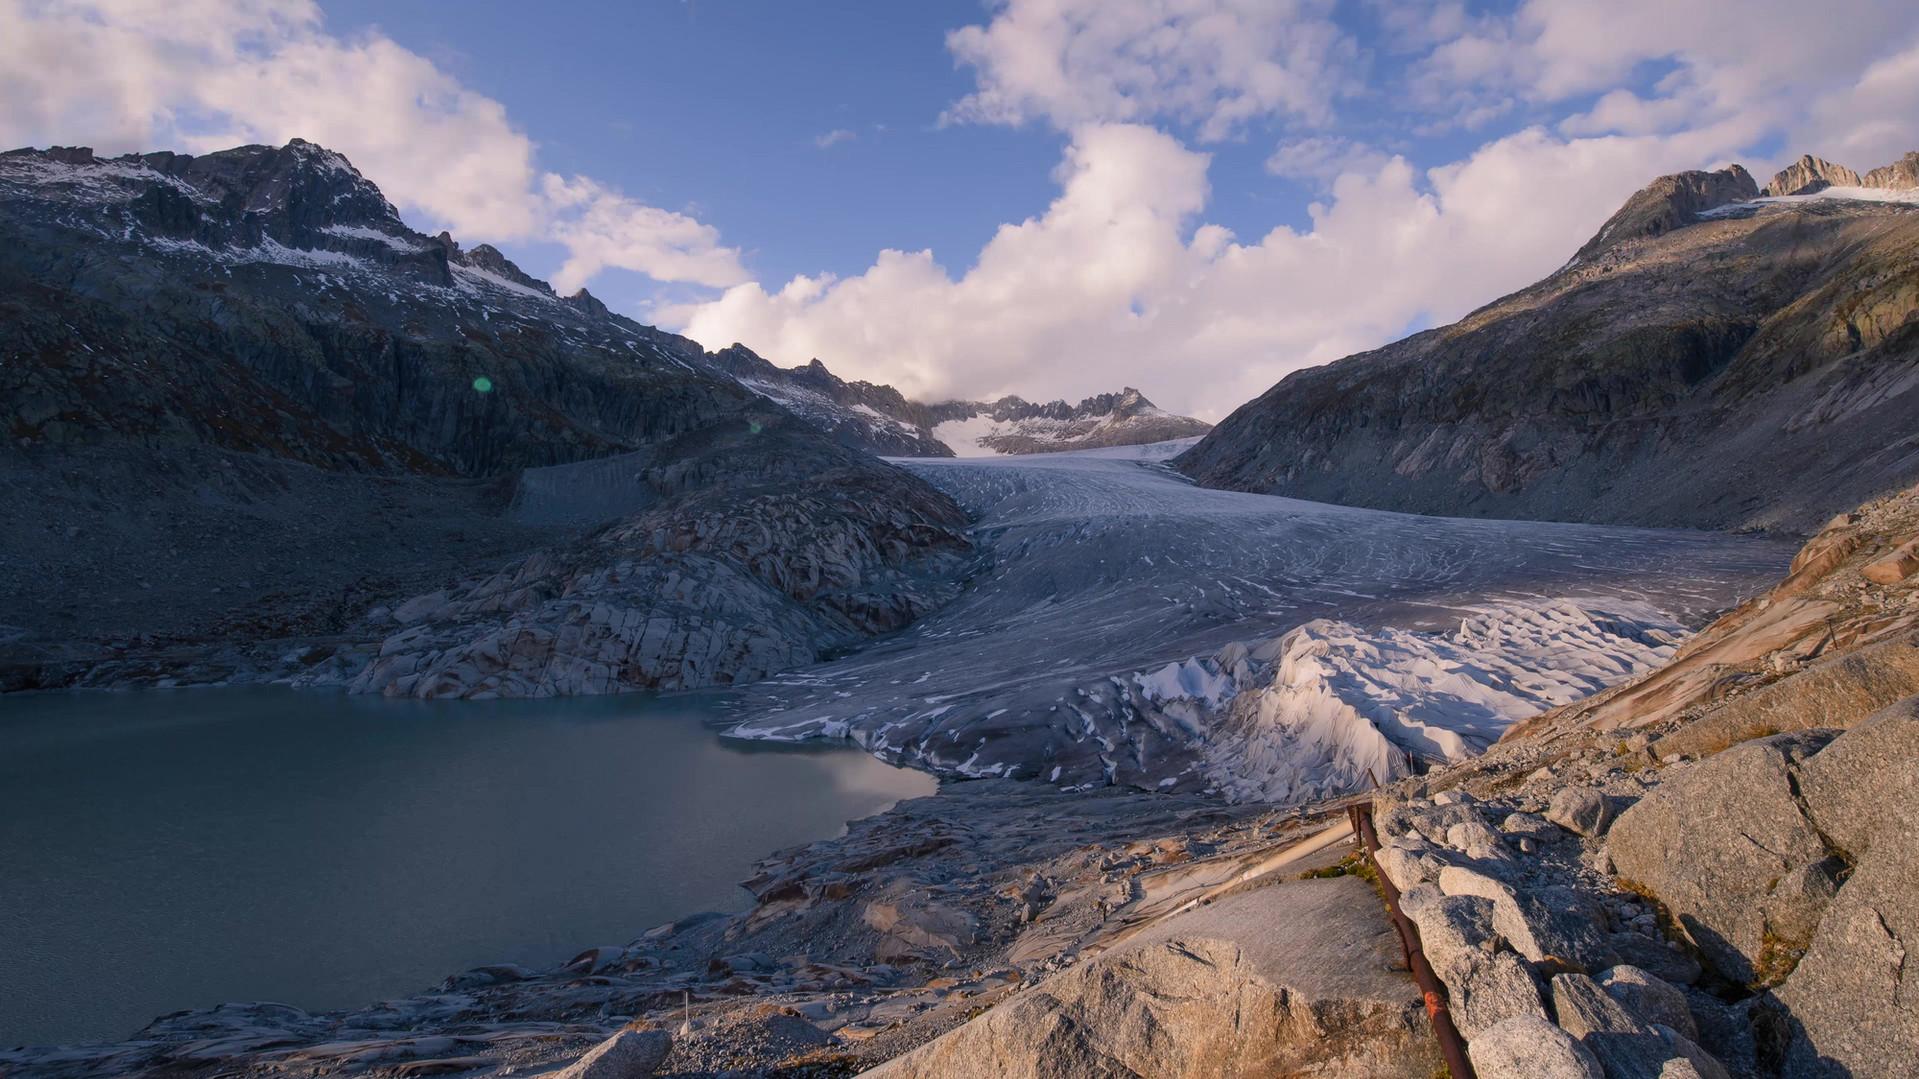 Time lapse Furkapass ghiacciaio.mp4